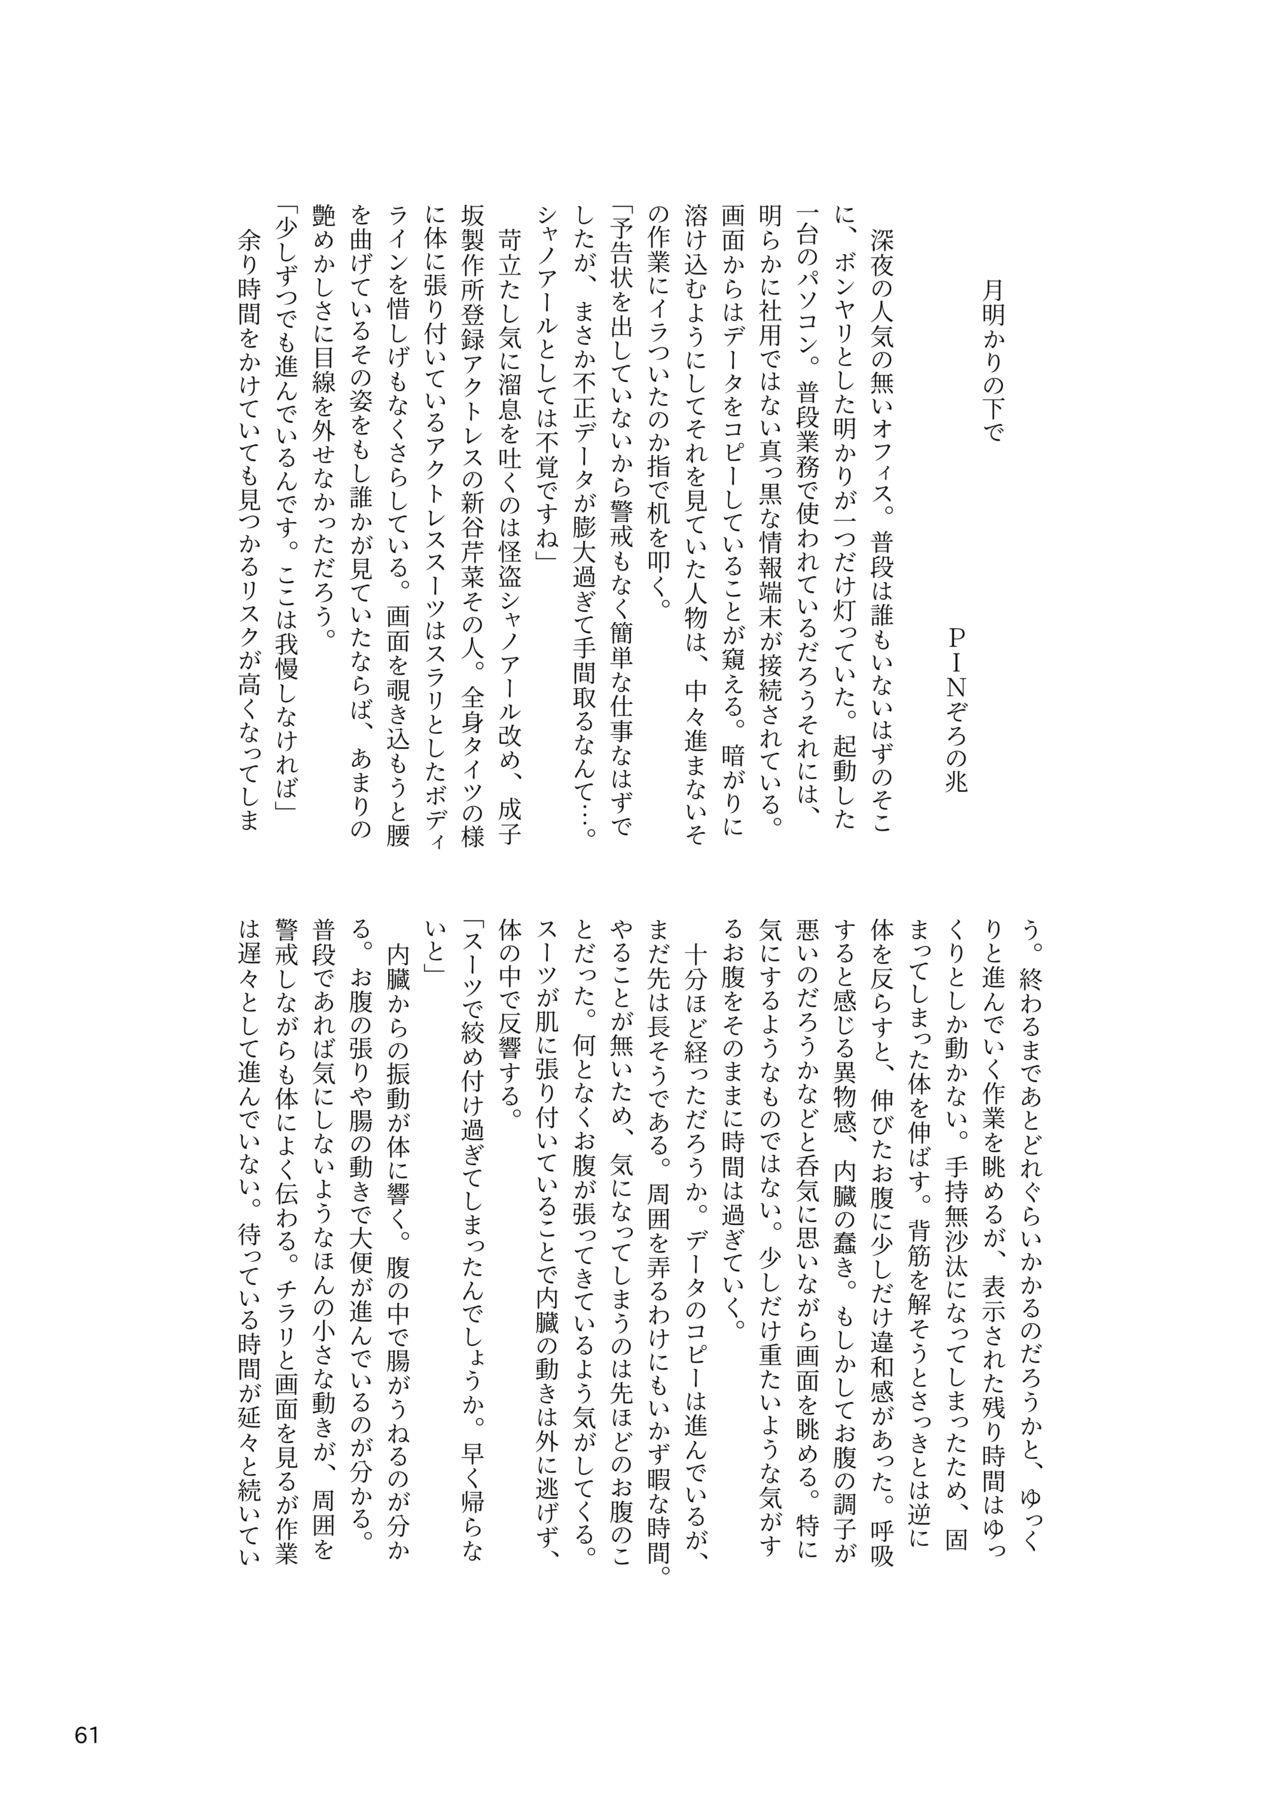 ア○スギア総合スカトロアンソロジー アクトレス排泄実態調査任務~スカポためるっすか!?~ 60